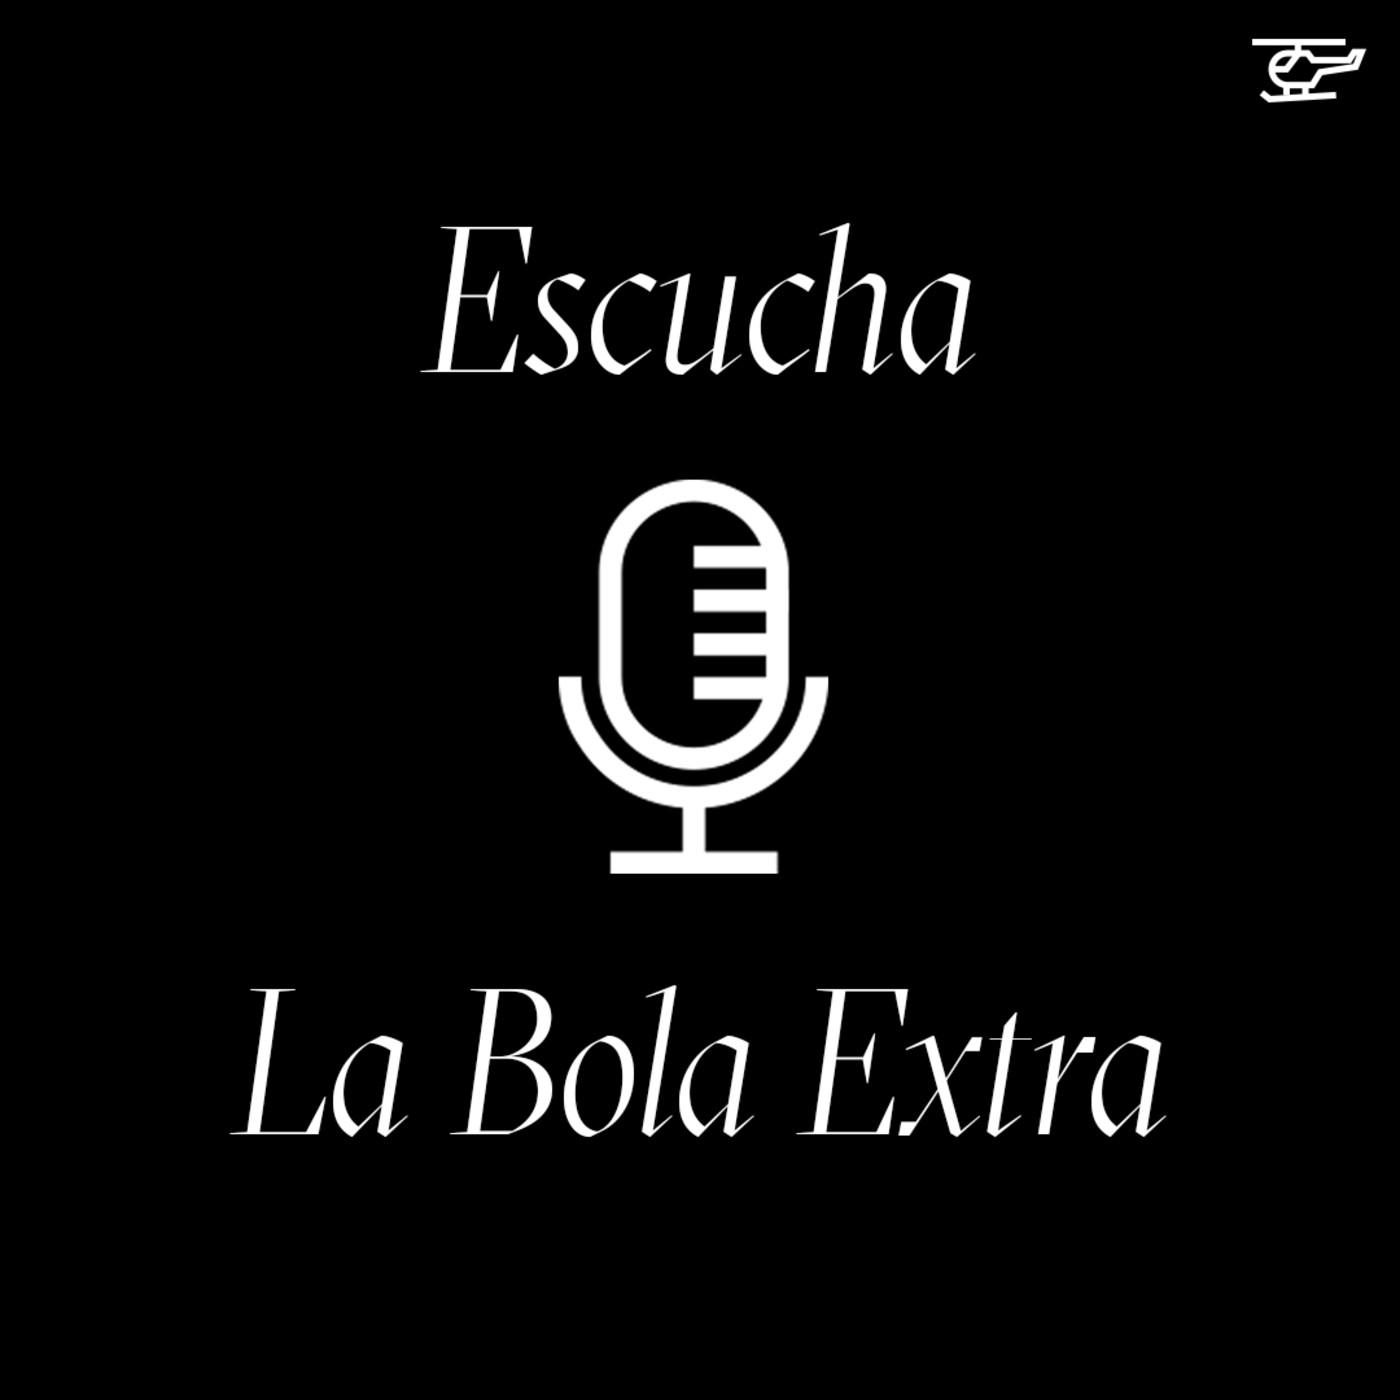 La Bola Extra - Policia (Octubre 2020)